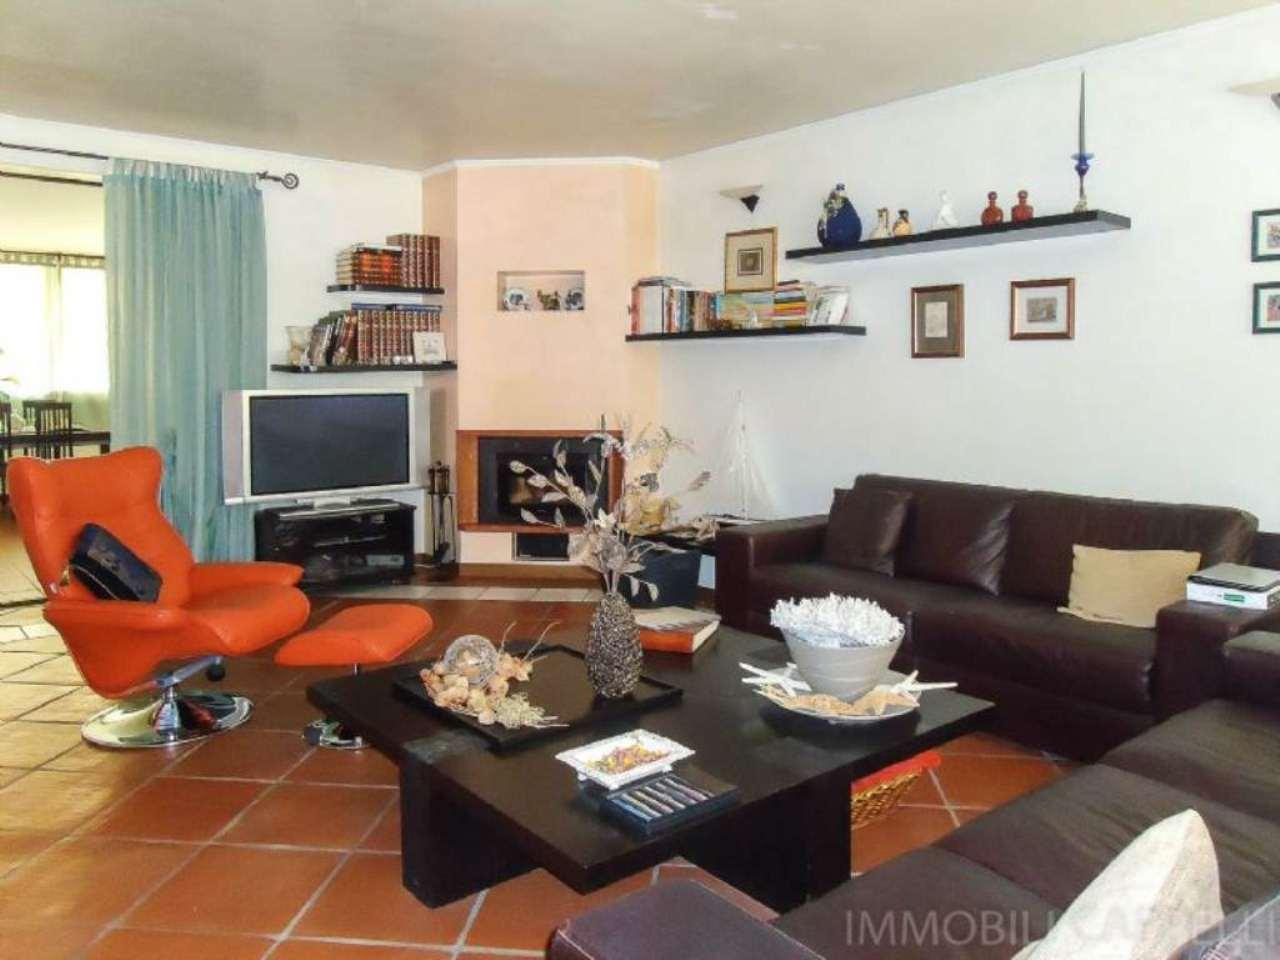 Soluzione Indipendente in vendita a Cesena, 13 locali, prezzo € 365.000 | CambioCasa.it